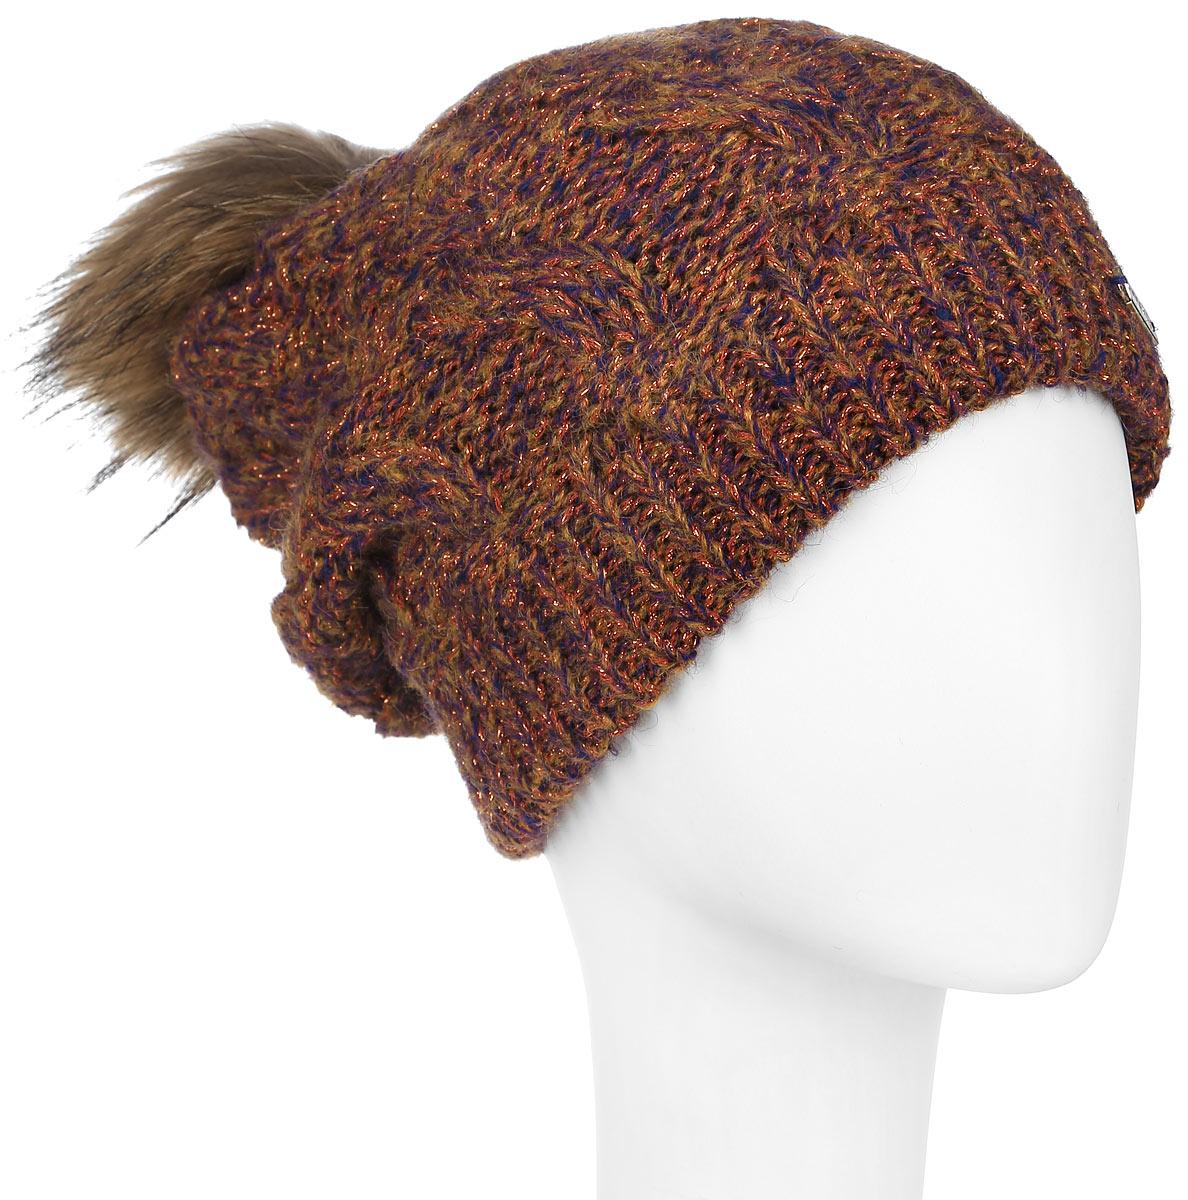 Шапка женская Dispacci, цвет: мультиколор. 21111S. Размер универсальный21111SСтильная женская шапка Dispacci, изготовленная из мягкой пряжи смешанного состава, она обладает хорошими дышащими свойствами и хорошо удерживает тепло. Элегантная шапка оформлена крупной вязкой с узорами и дополнена блестящим стильным люрексом. На макушке изделие дополнено помпоном из натурального меха. Практичная форма шапки делает ее очень комфортной, а маленькая аккуратная металлическая пластина с названием бренда подчеркивает ее оригинальность.